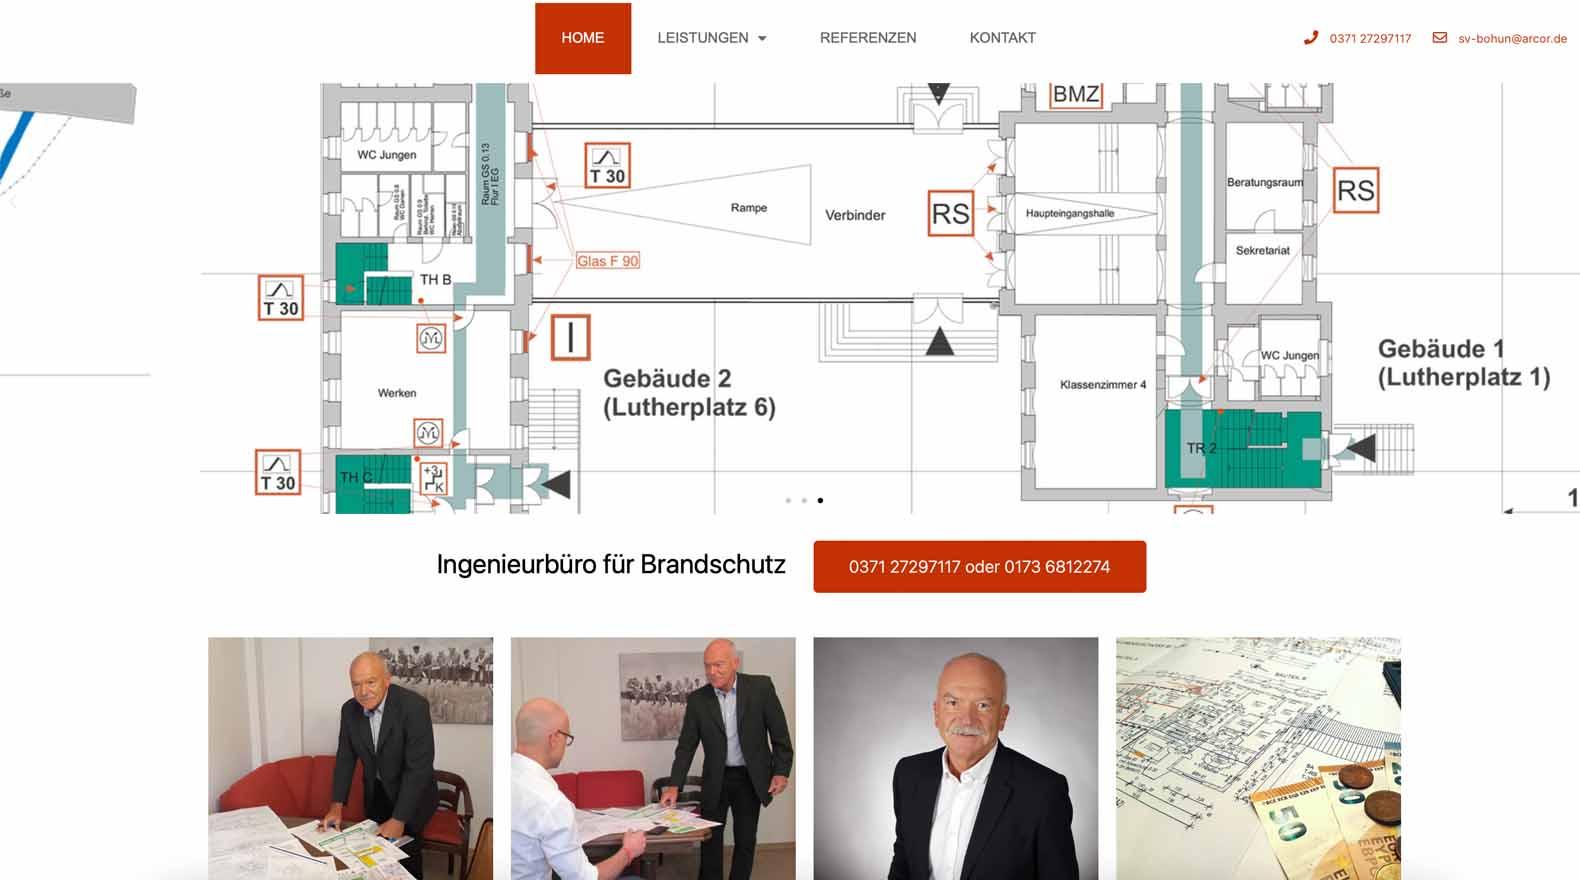 webprojekt-chemnitz-referenz-ib